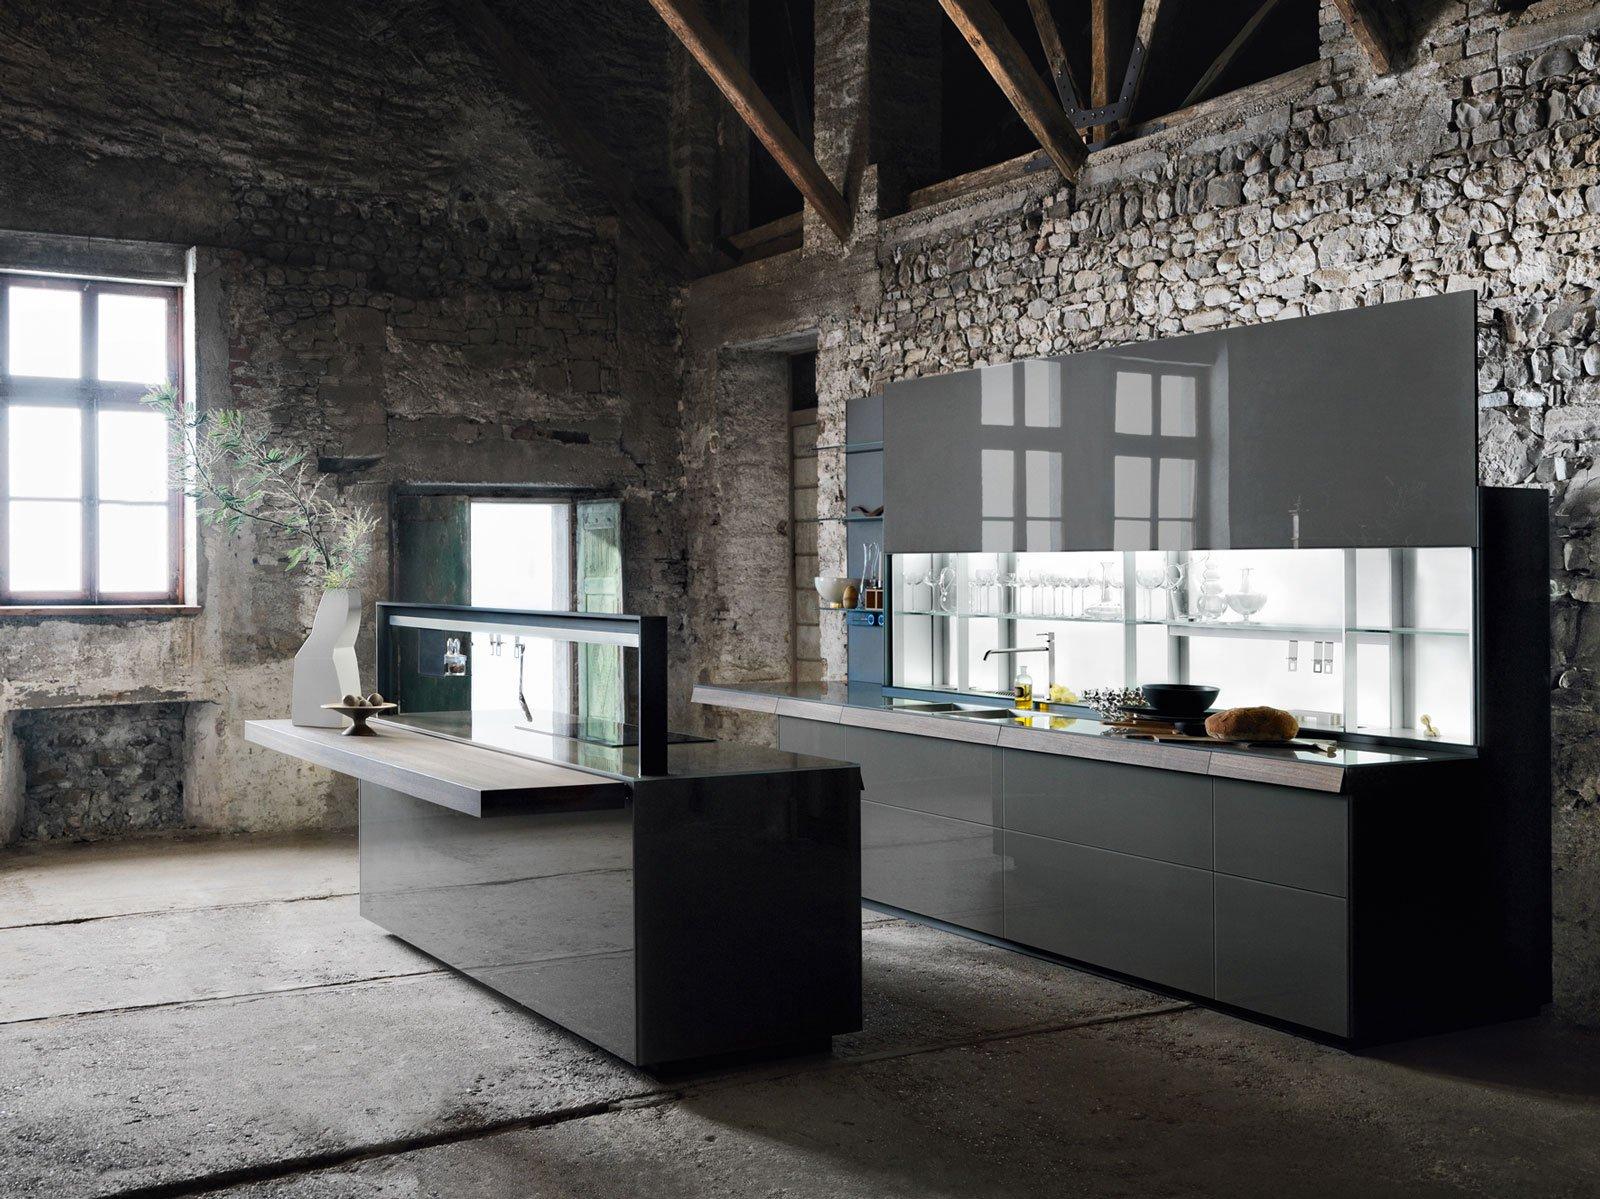 Cucine in grigio di inaspettata freschezza: novità Eurocucina in ...